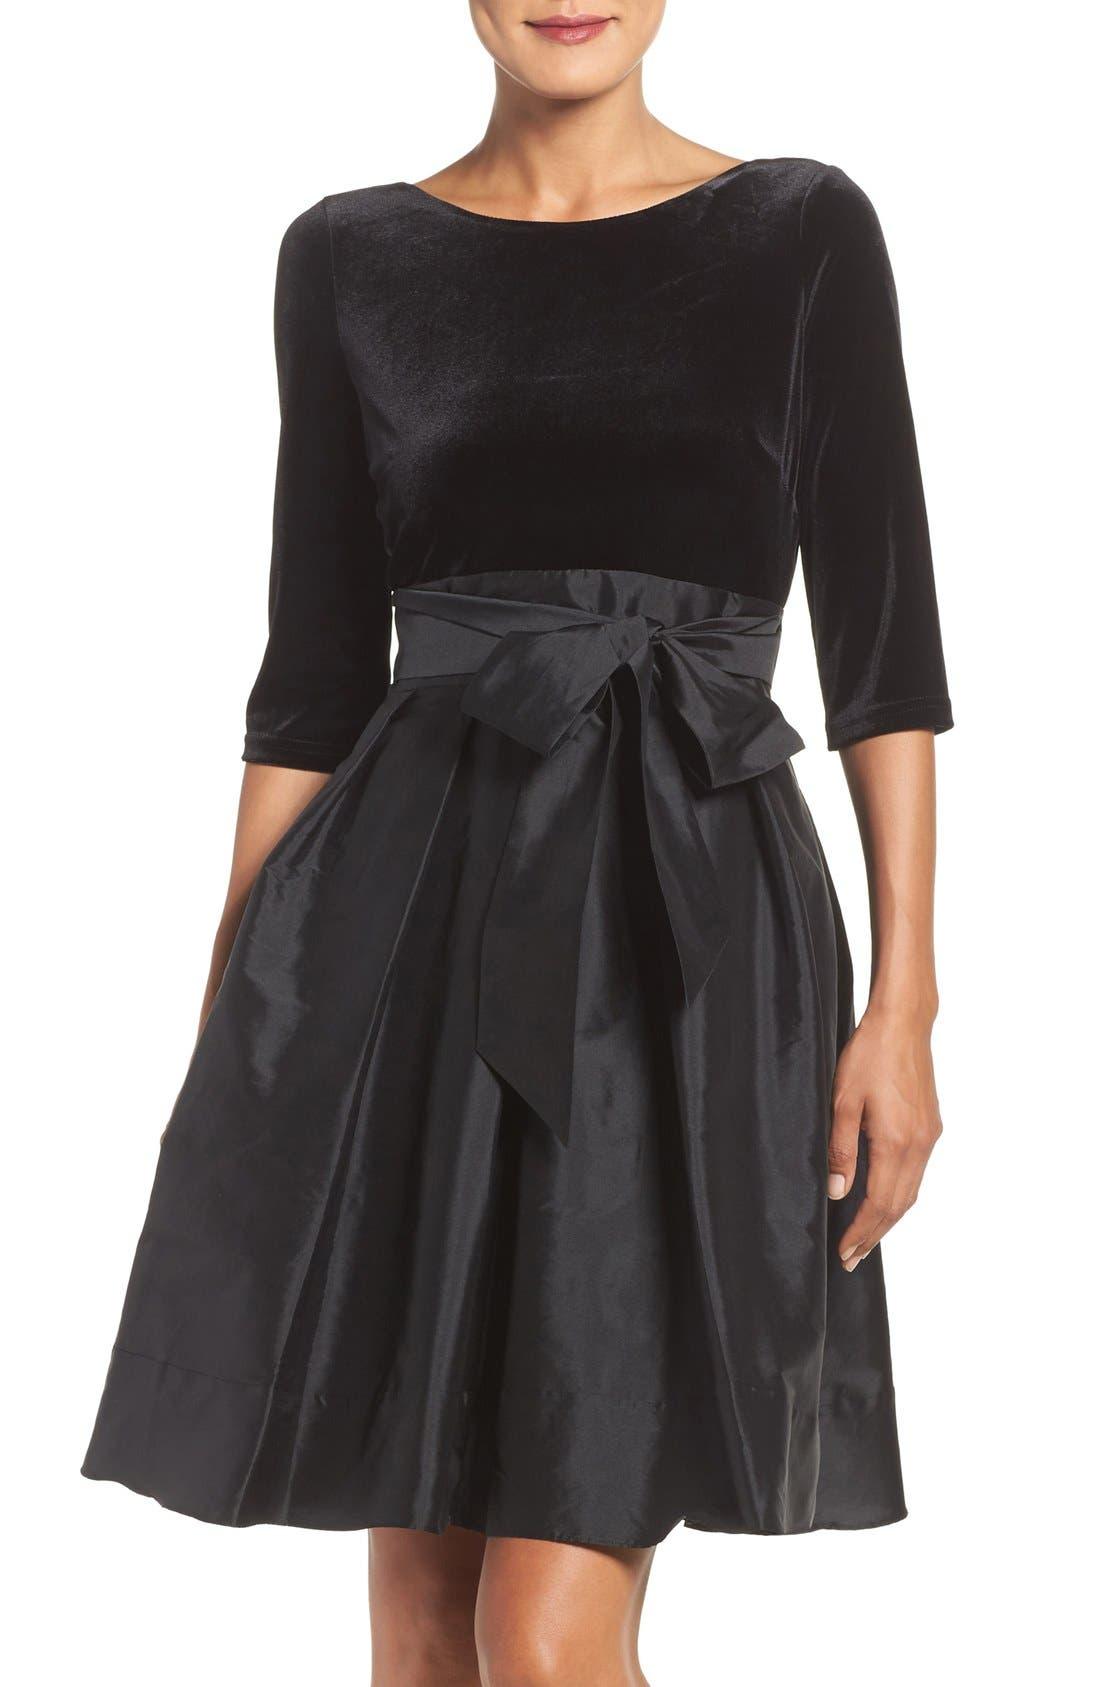 Alternate Image 1 Selected - Adrianna Papell Velvet & Taffeta Fit & Flare Dress